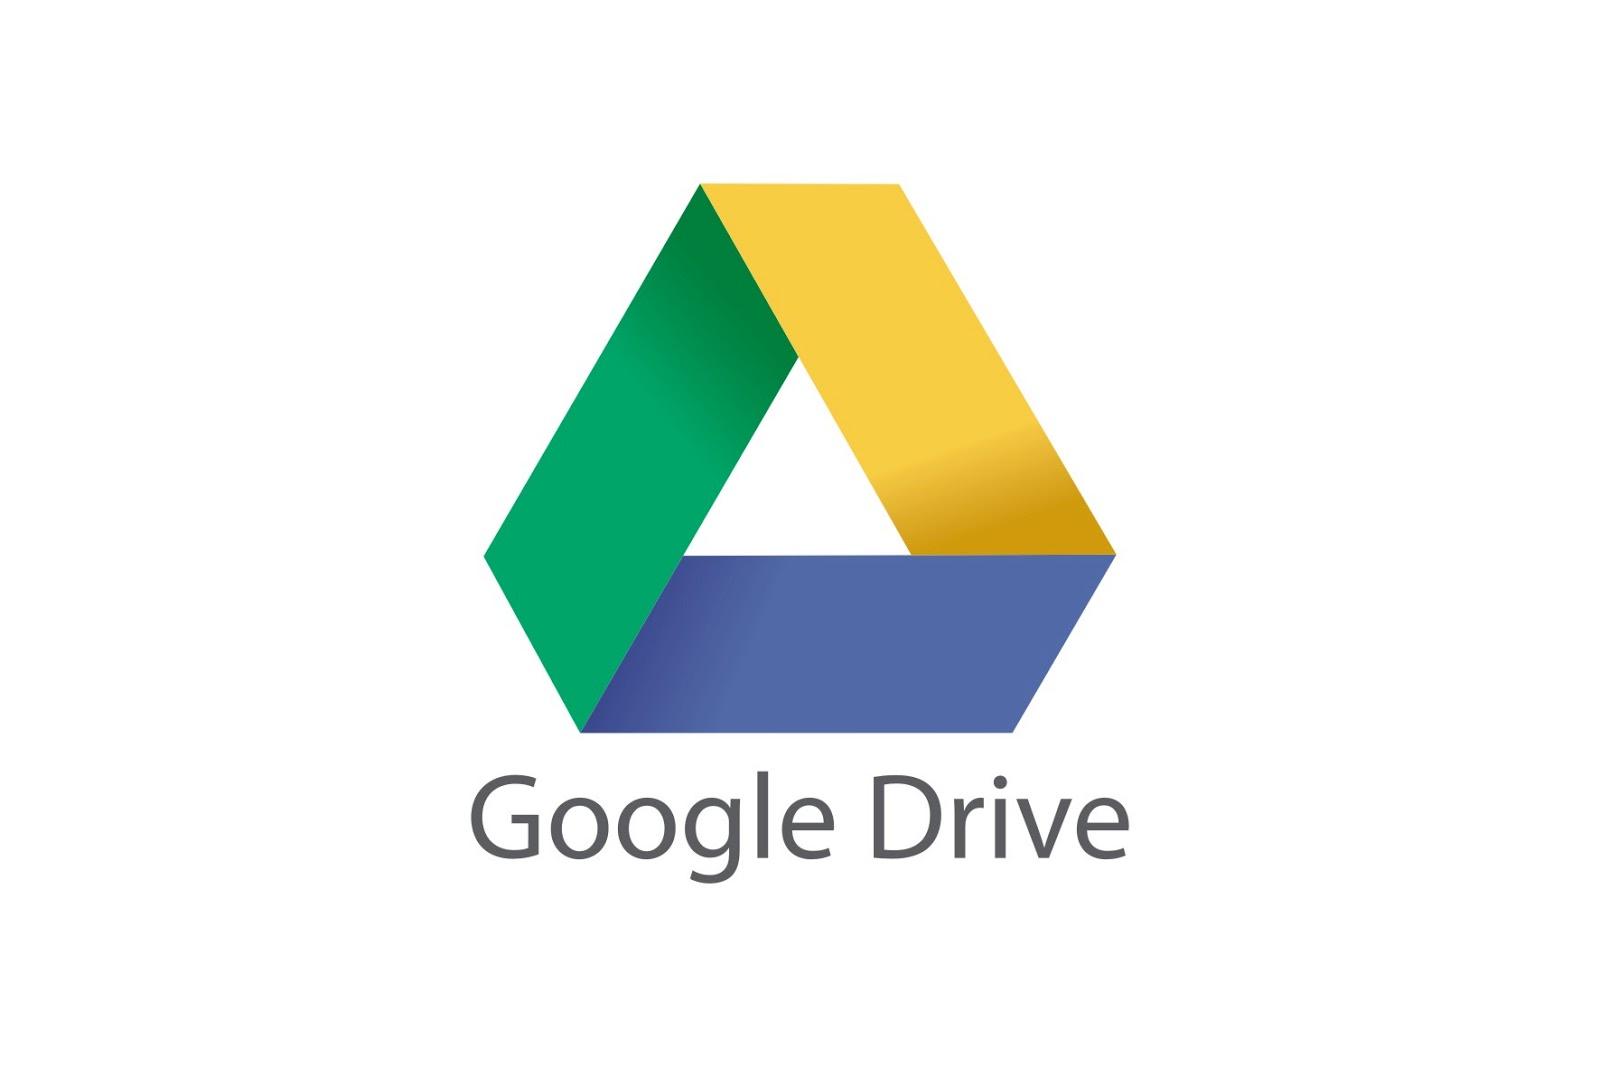 Google drive ricerca file: più veloce, più semplice e più precisa